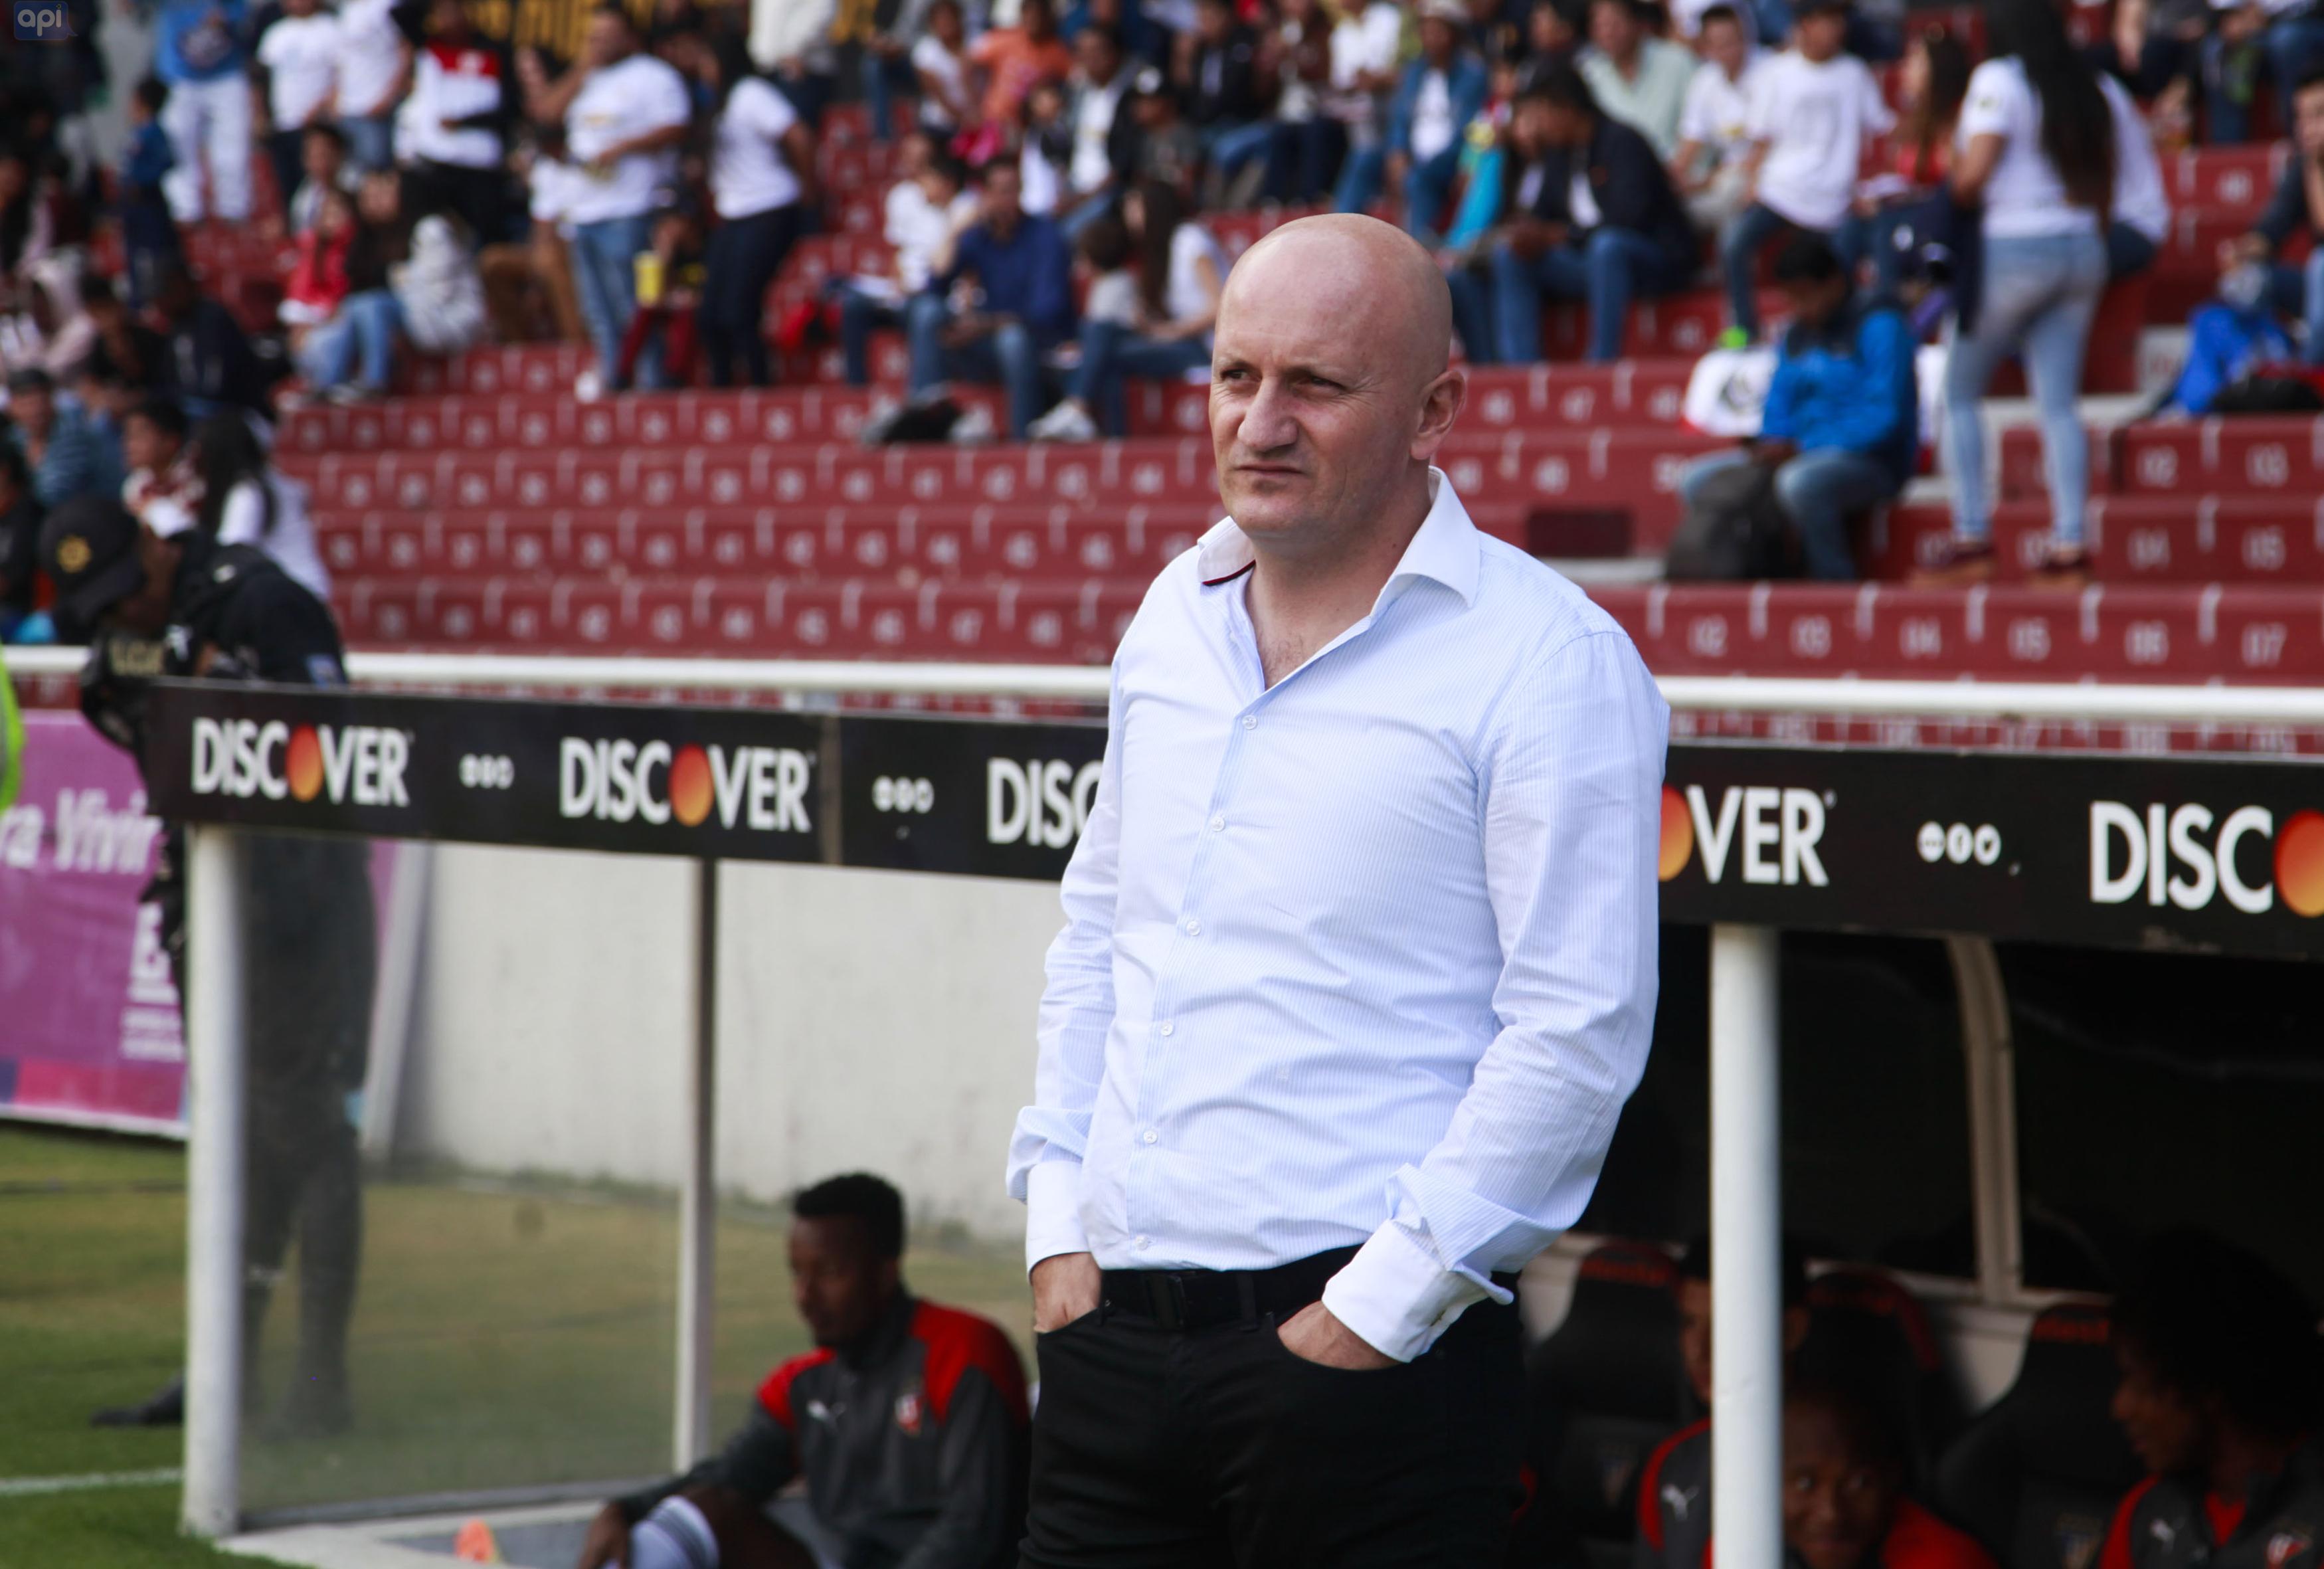 """El técnico de Liga de Quito analizó al rival de turno y espera """"tomar las decisiones con sabiduría"""" para sacar un buen resultado"""